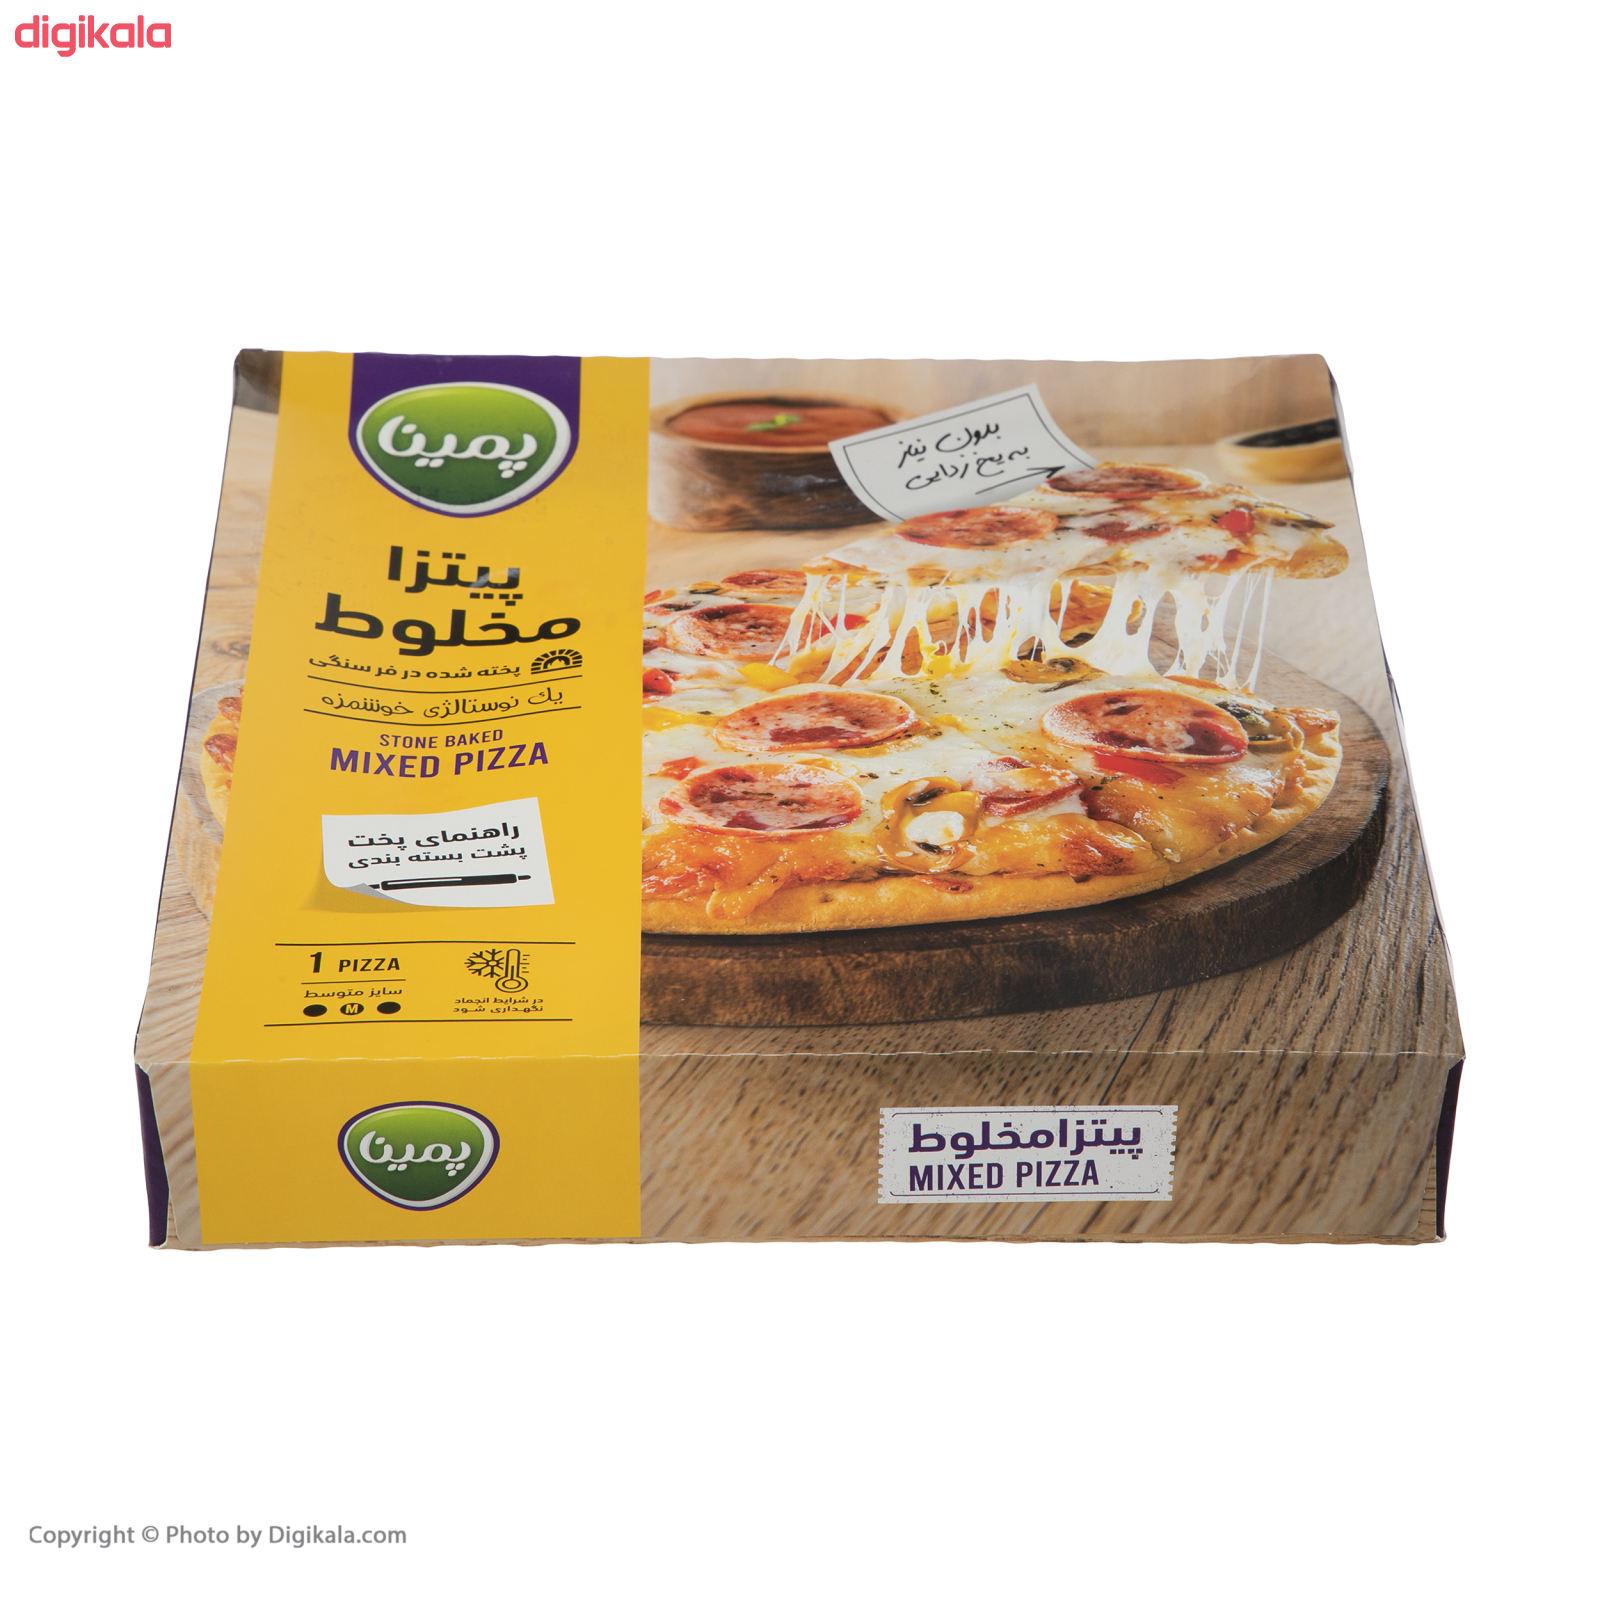 پیتزا مخلوط پمینا کاله مقدار 450 گرم main 1 1